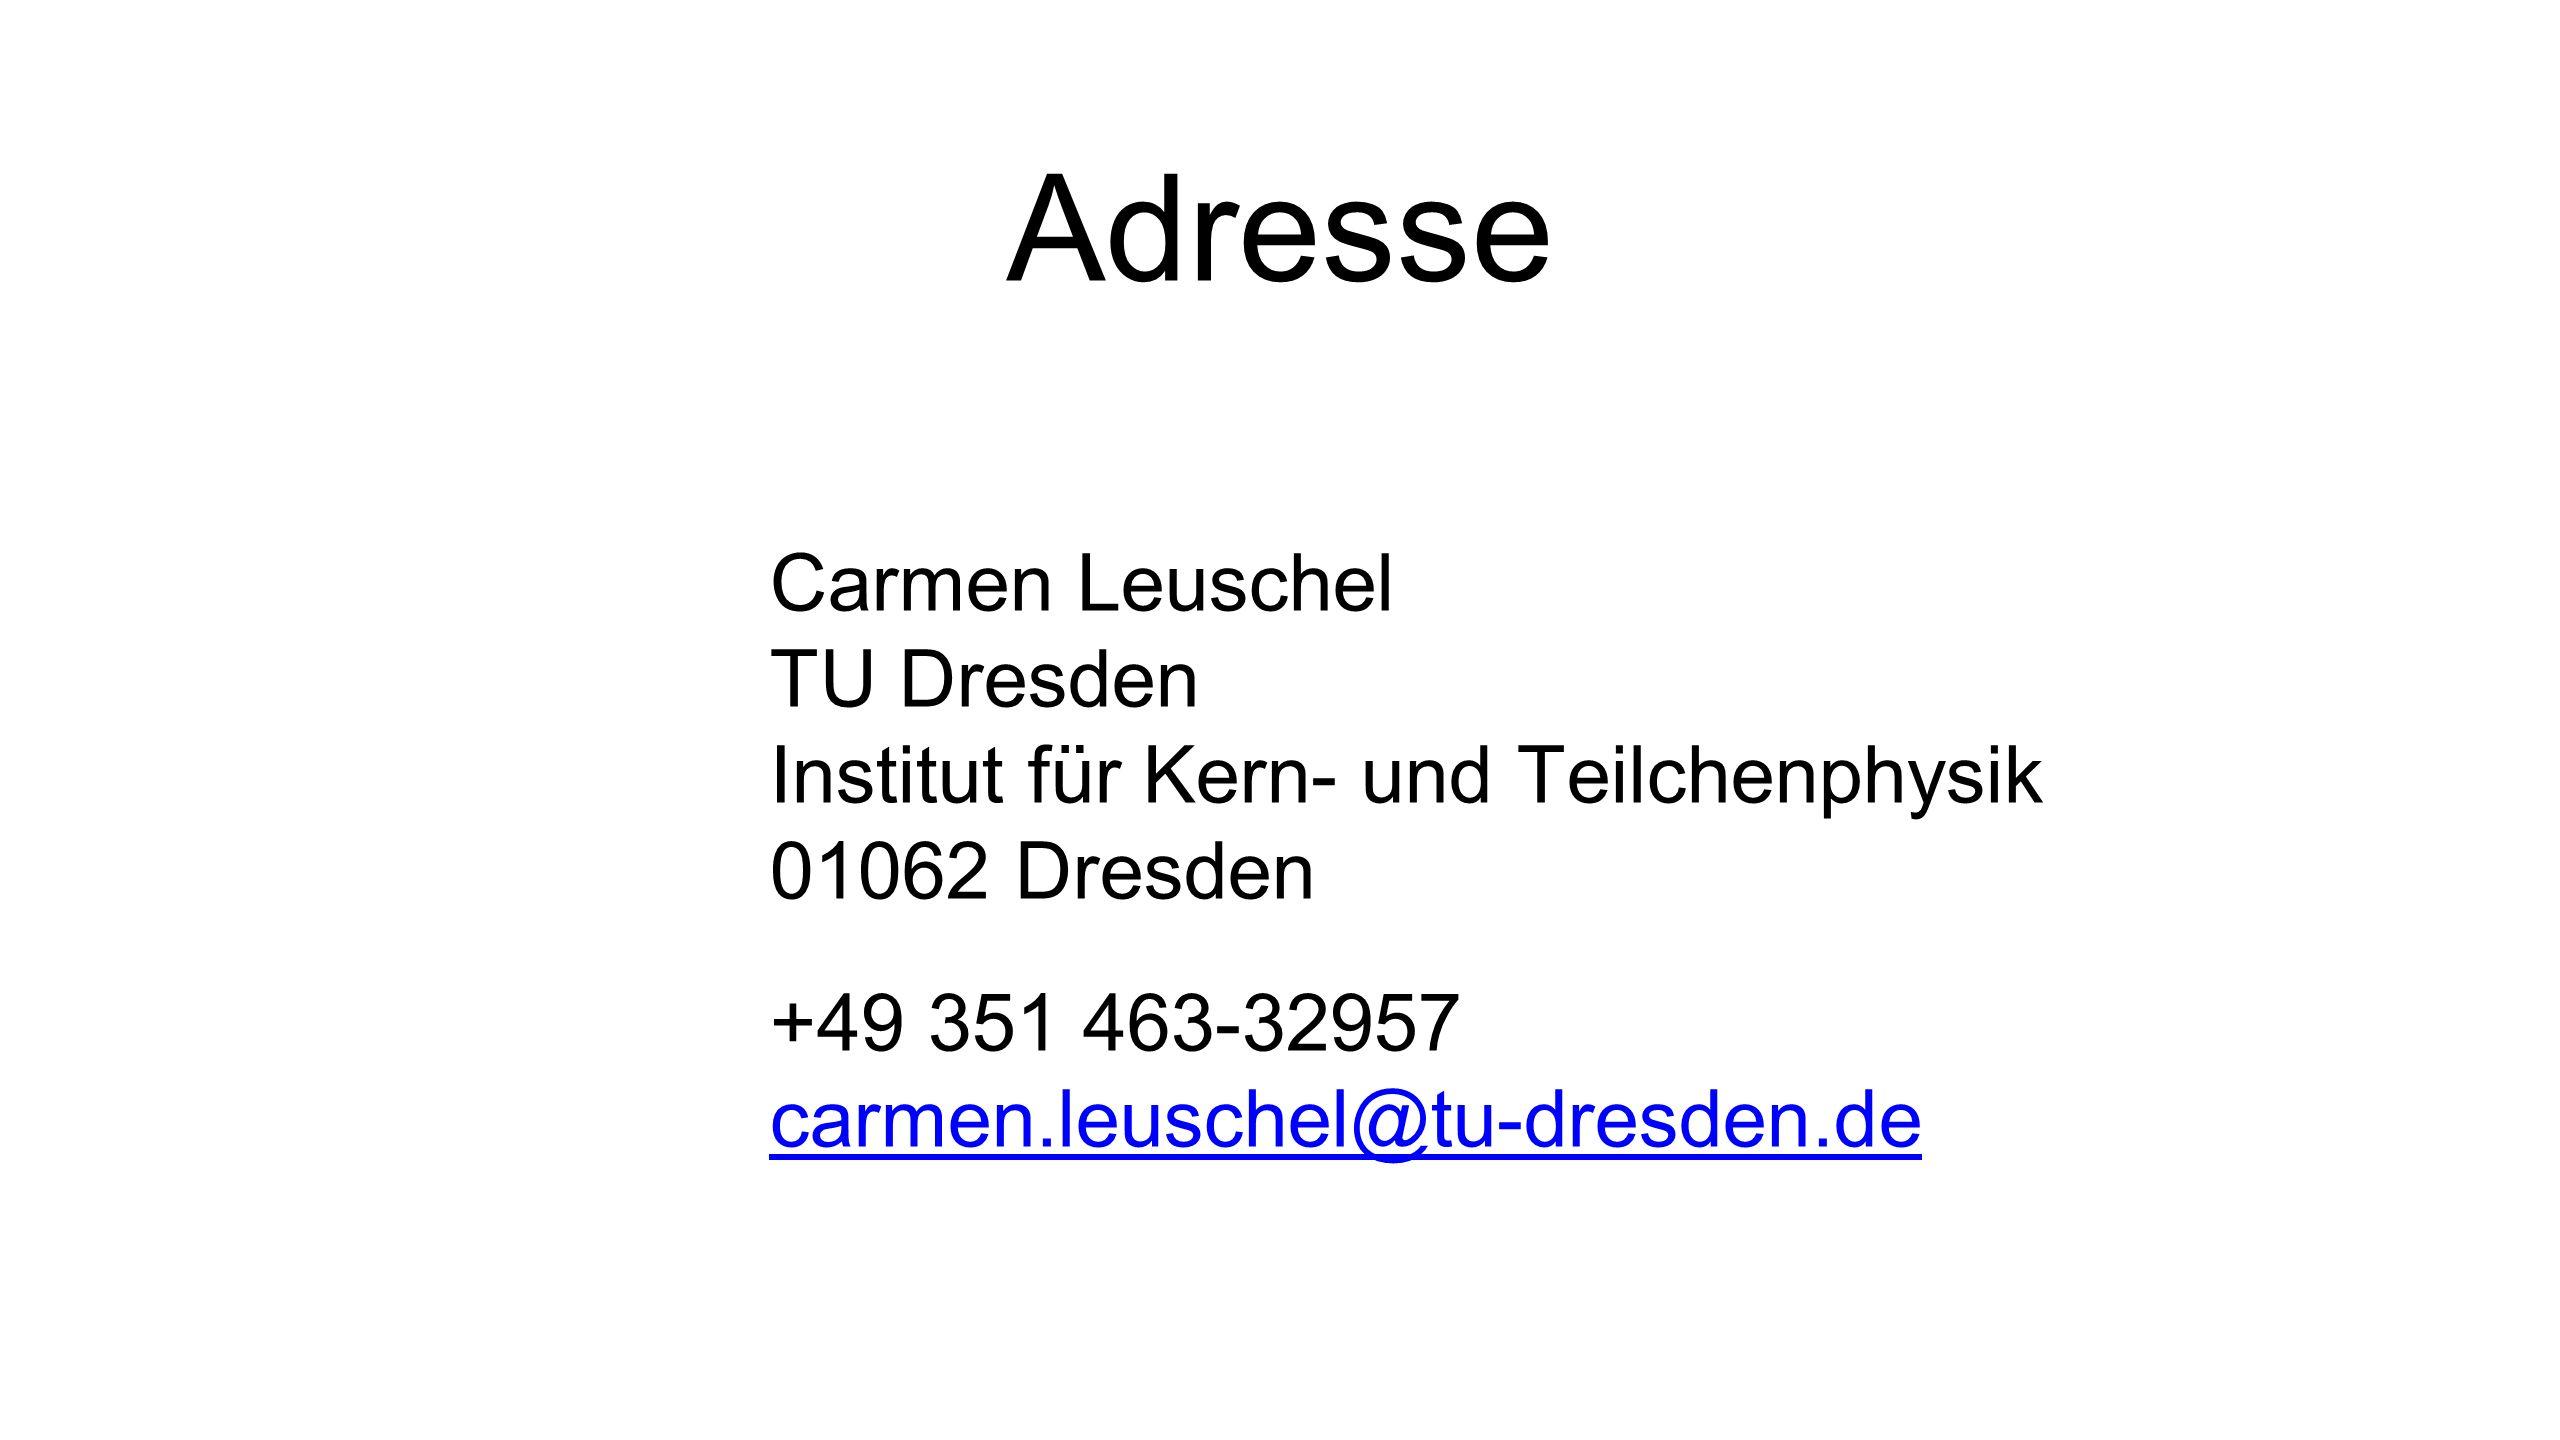 Adresse Carmen Leuschel TU Dresden Institut für Kern- und Teilchenphysik 01062 Dresden +49 351 463-32957 carmen.leuschel@tu-dresden.de carmen.leuschel